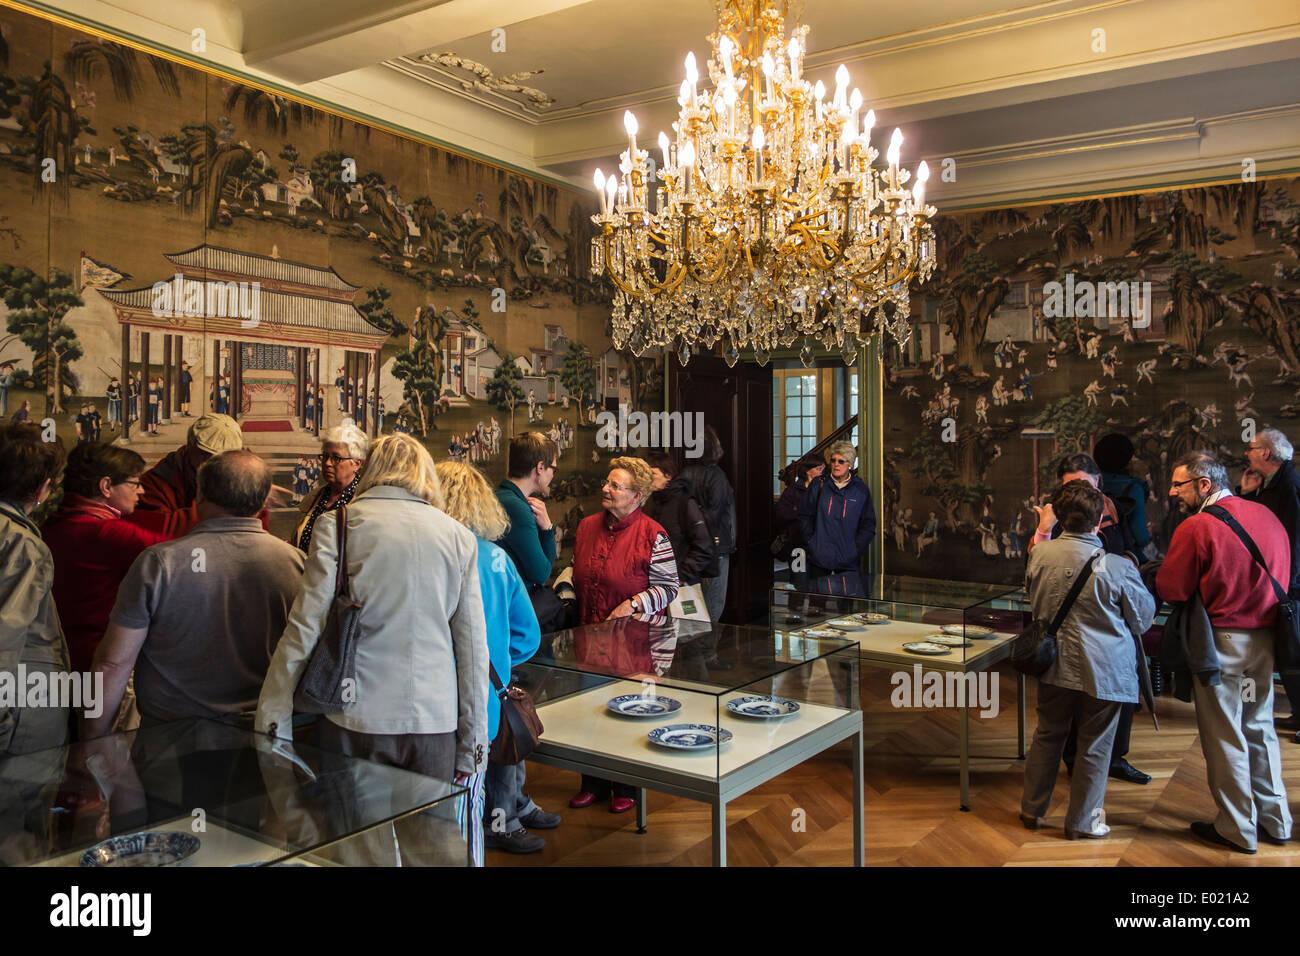 Les touristes se rendant sur le 18e siècle dans le revêtement mural soie salon Chinois à Museum Arnold Vander Haeghen à Gand, Belgique Photo Stock